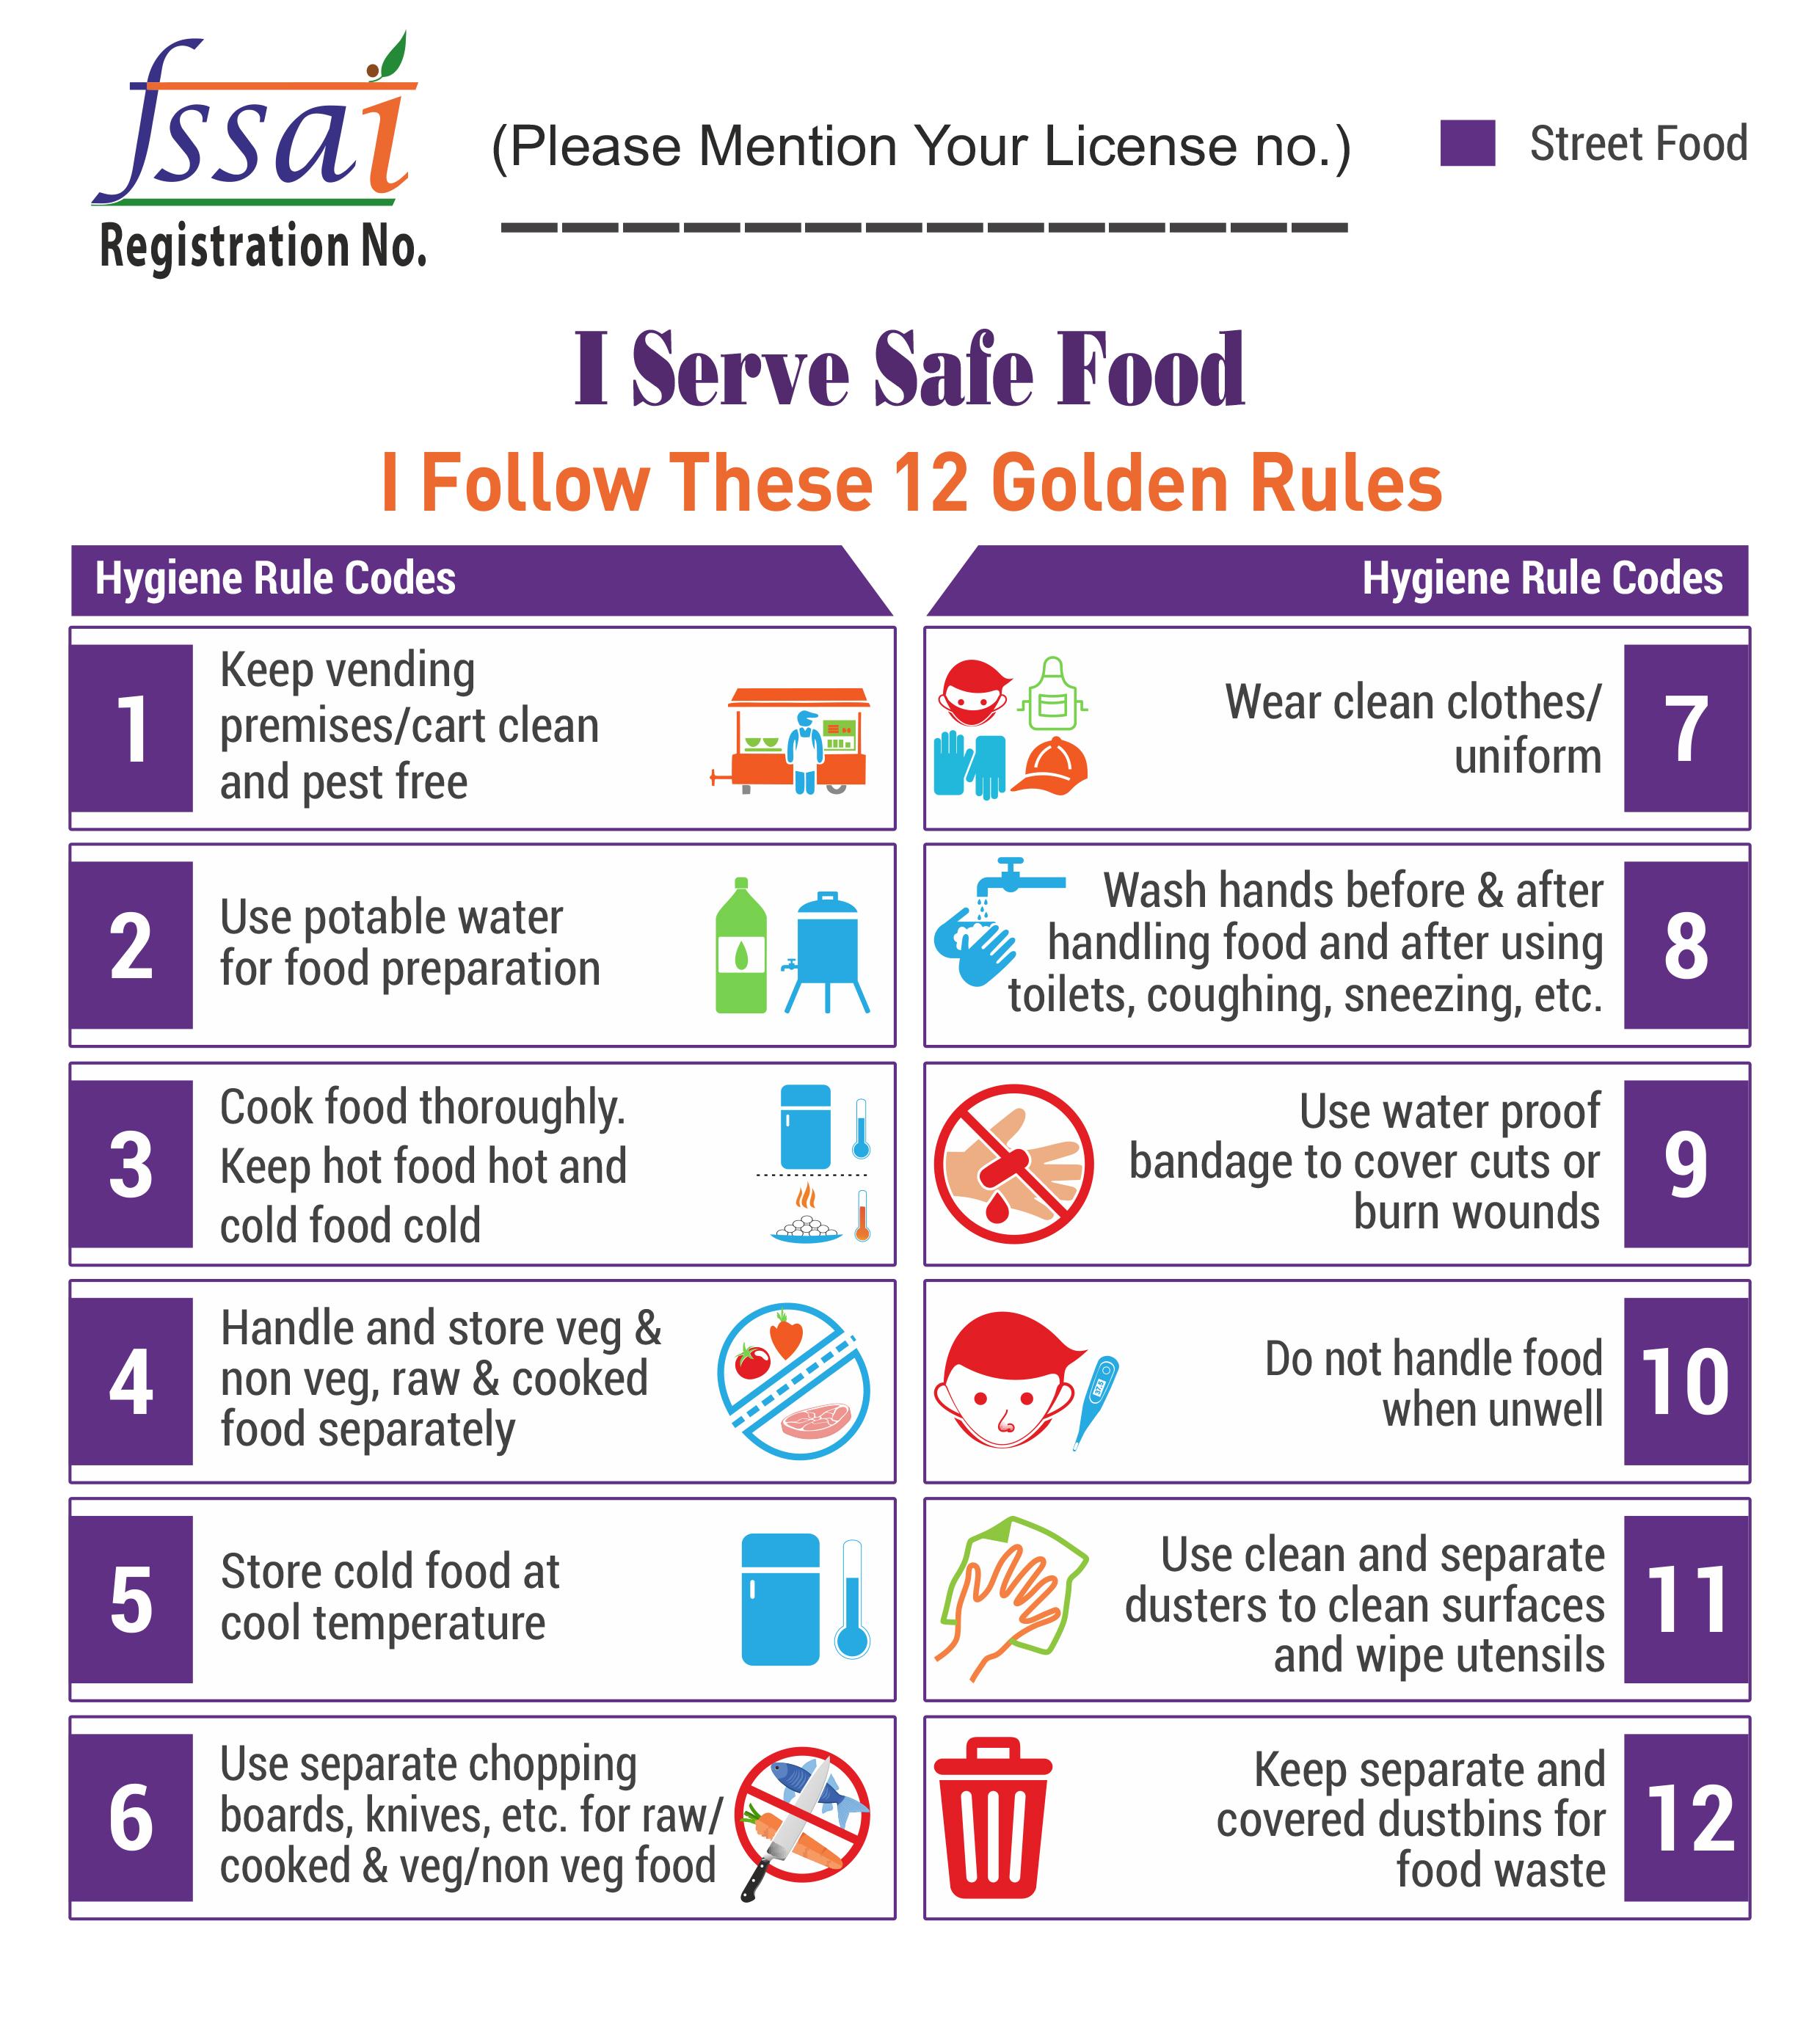 fssai food chart